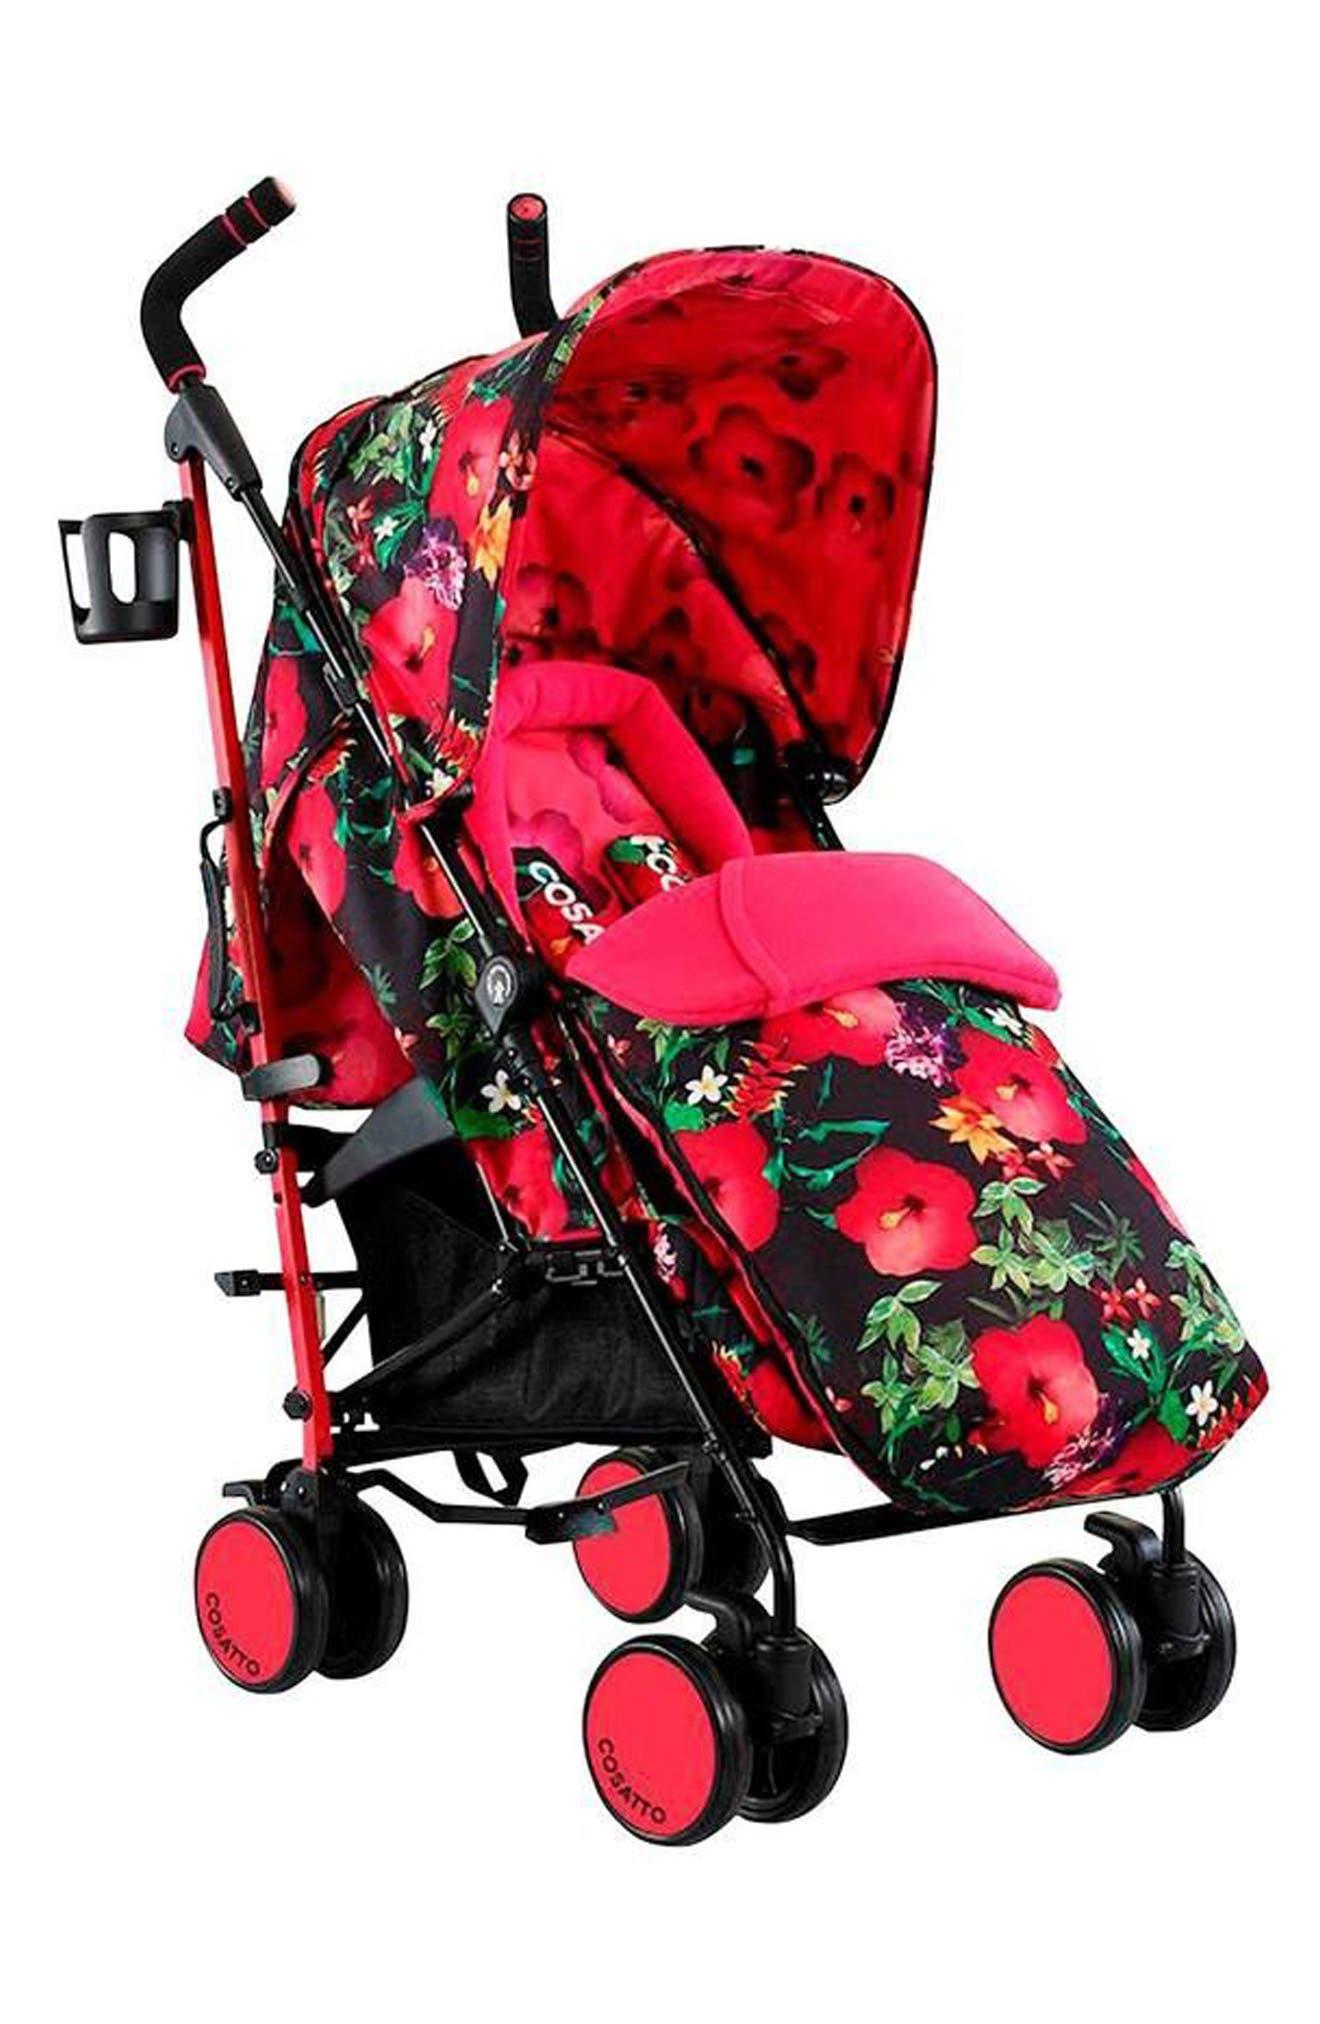 COSATTO Supa Tropico Stroller